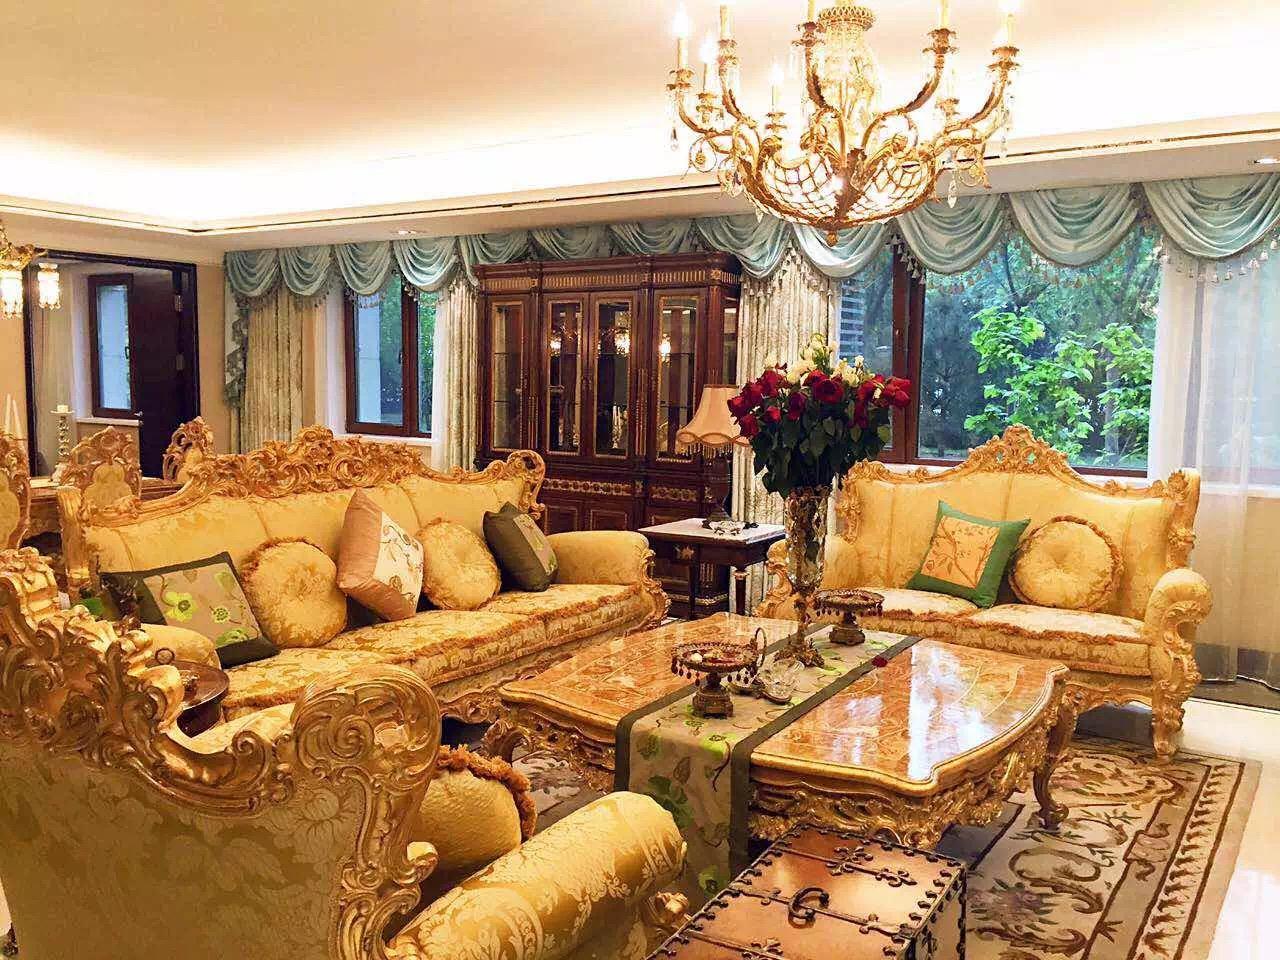 法式 原创国际 别墅设计 品质墅装 全案 客厅图片来自原创国际别墅装饰在公园1872的分享